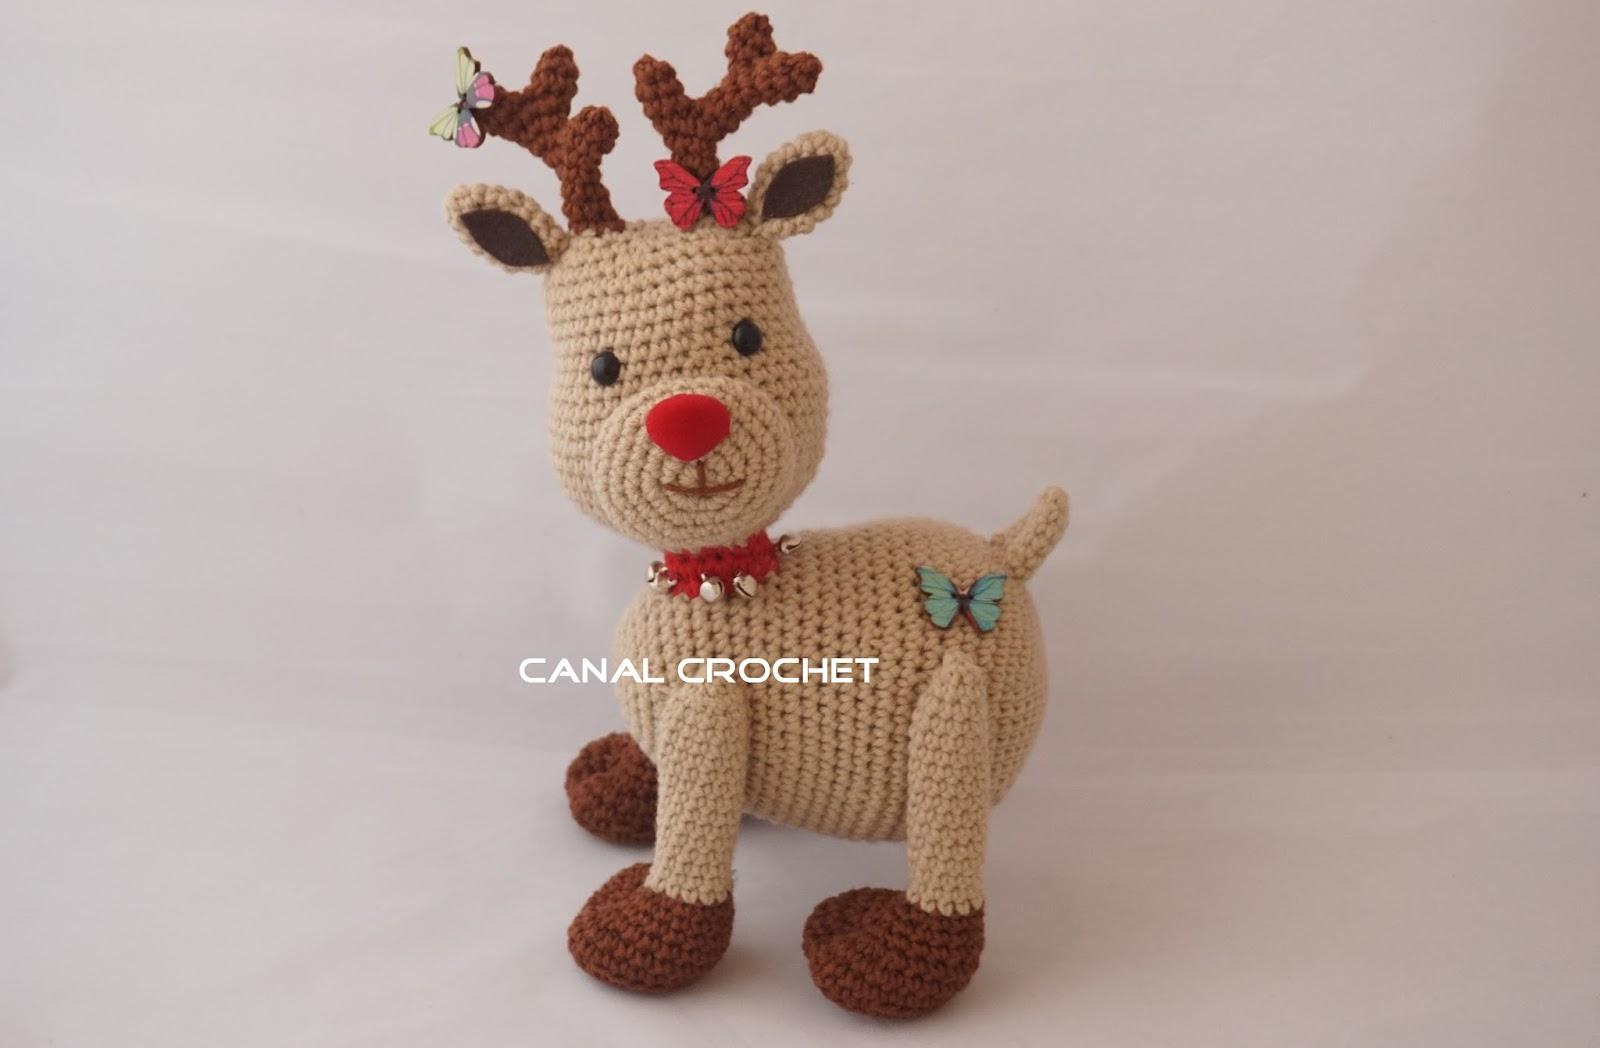 Amigurumilacion : Canal crochet: reno amigurumi tutorial